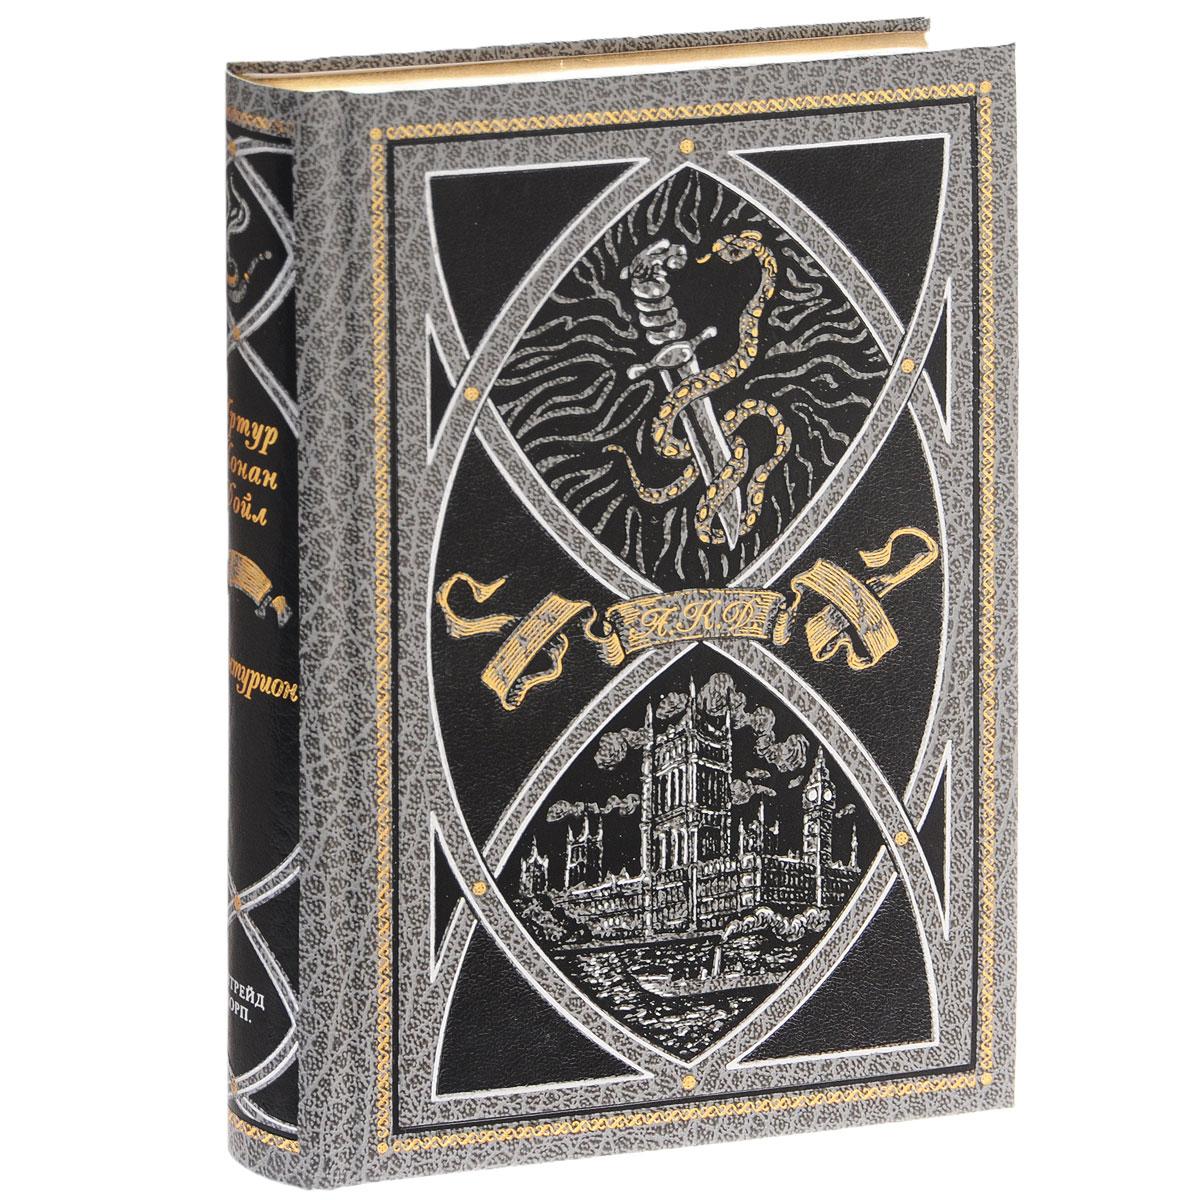 Артур Конан Дойл. Избранные сочинения. Центурион (подарочное издание)